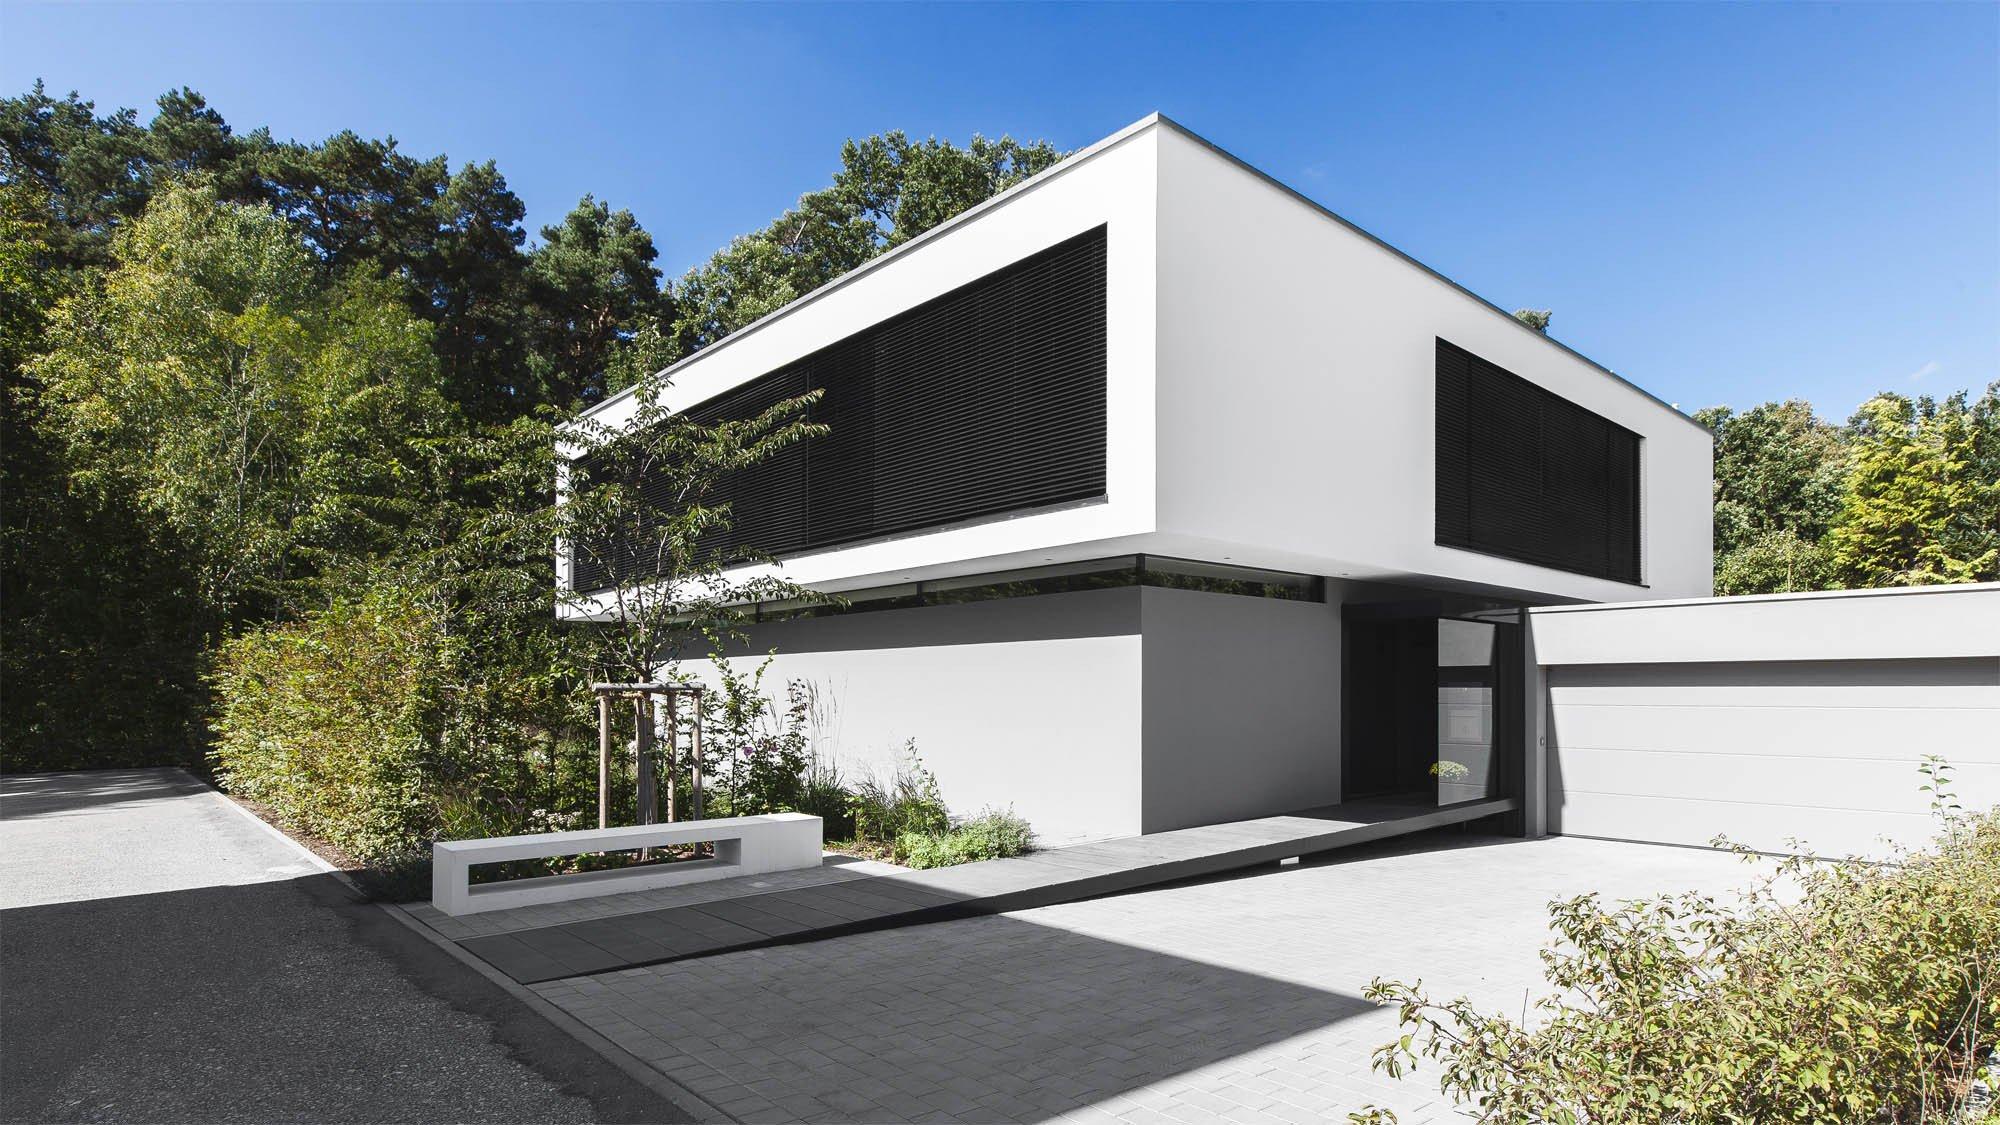 haus g bei erlangen flachdach wohnen baunetz wissen. Black Bedroom Furniture Sets. Home Design Ideas